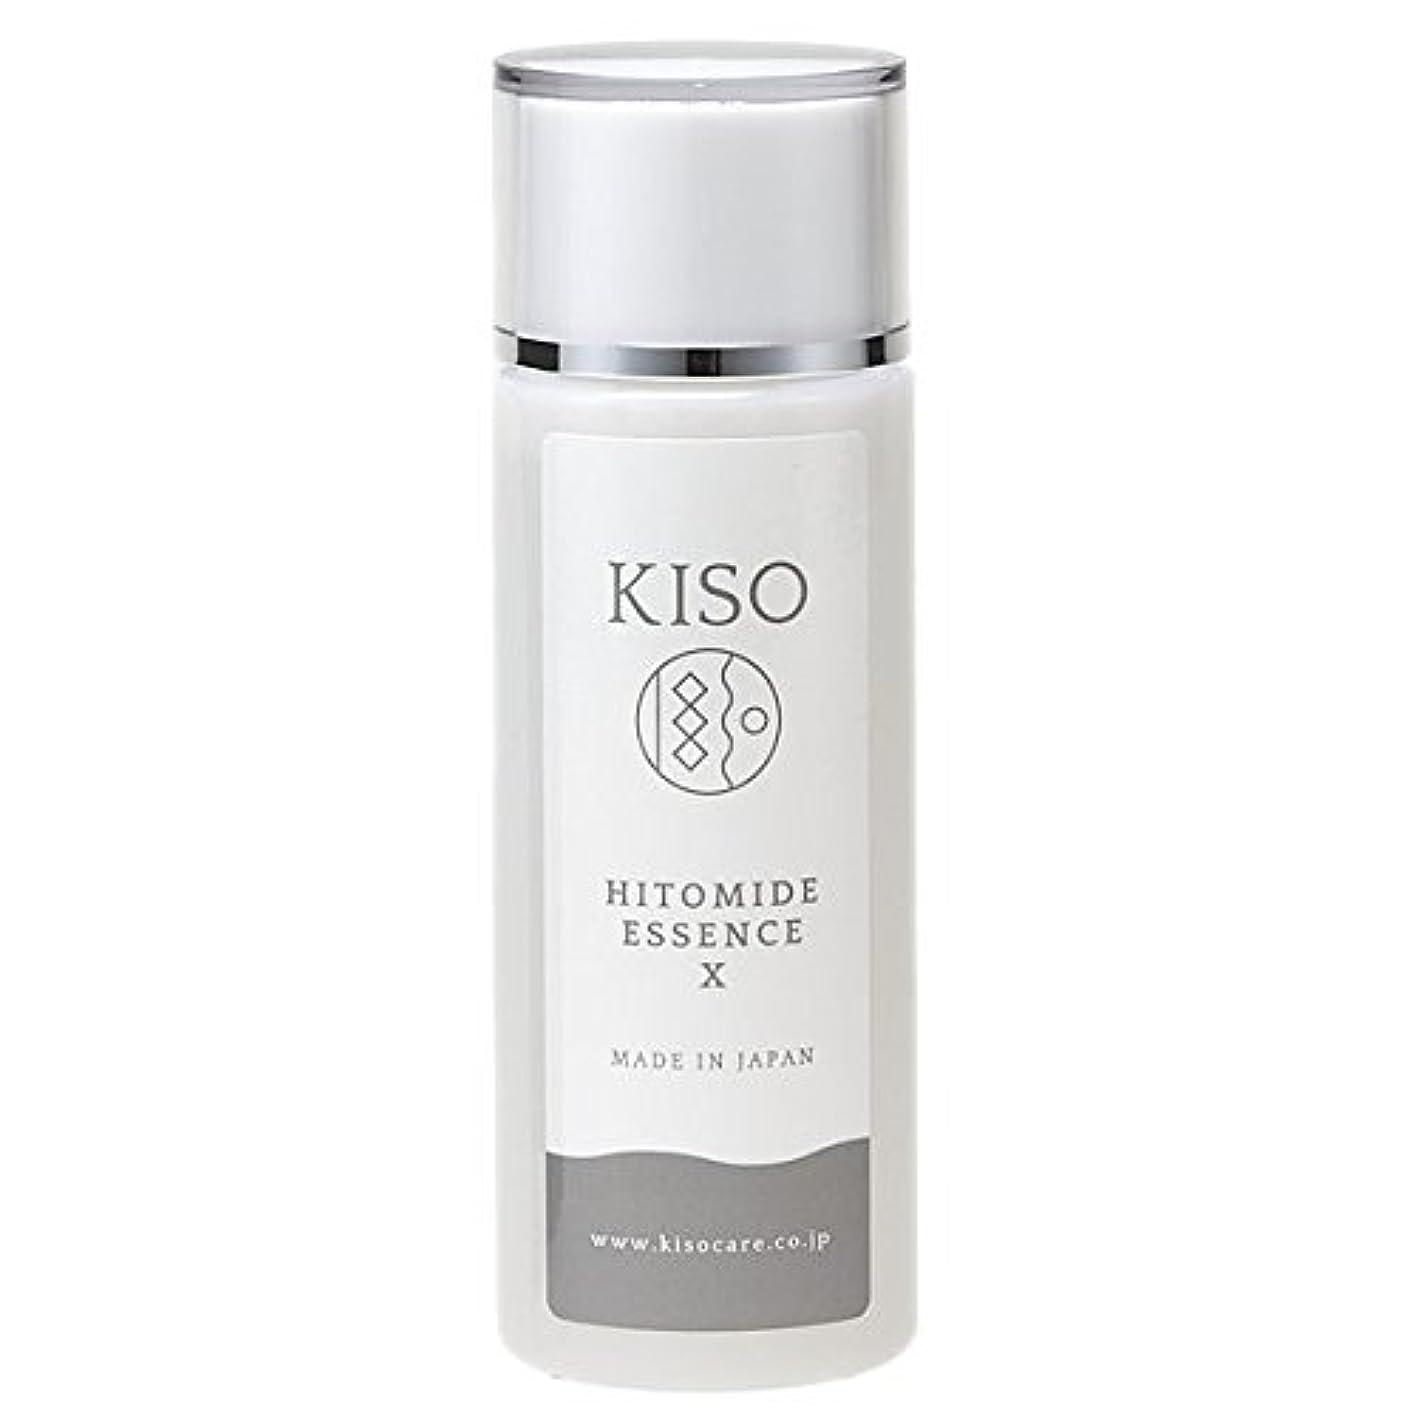 誰判決論理的KISO ヒト型セラミド原液 10%配合 【ヒトミドエッセンスX 120ml】 保湿力アップ 肌荒れを防ぎキメを整えたい時に